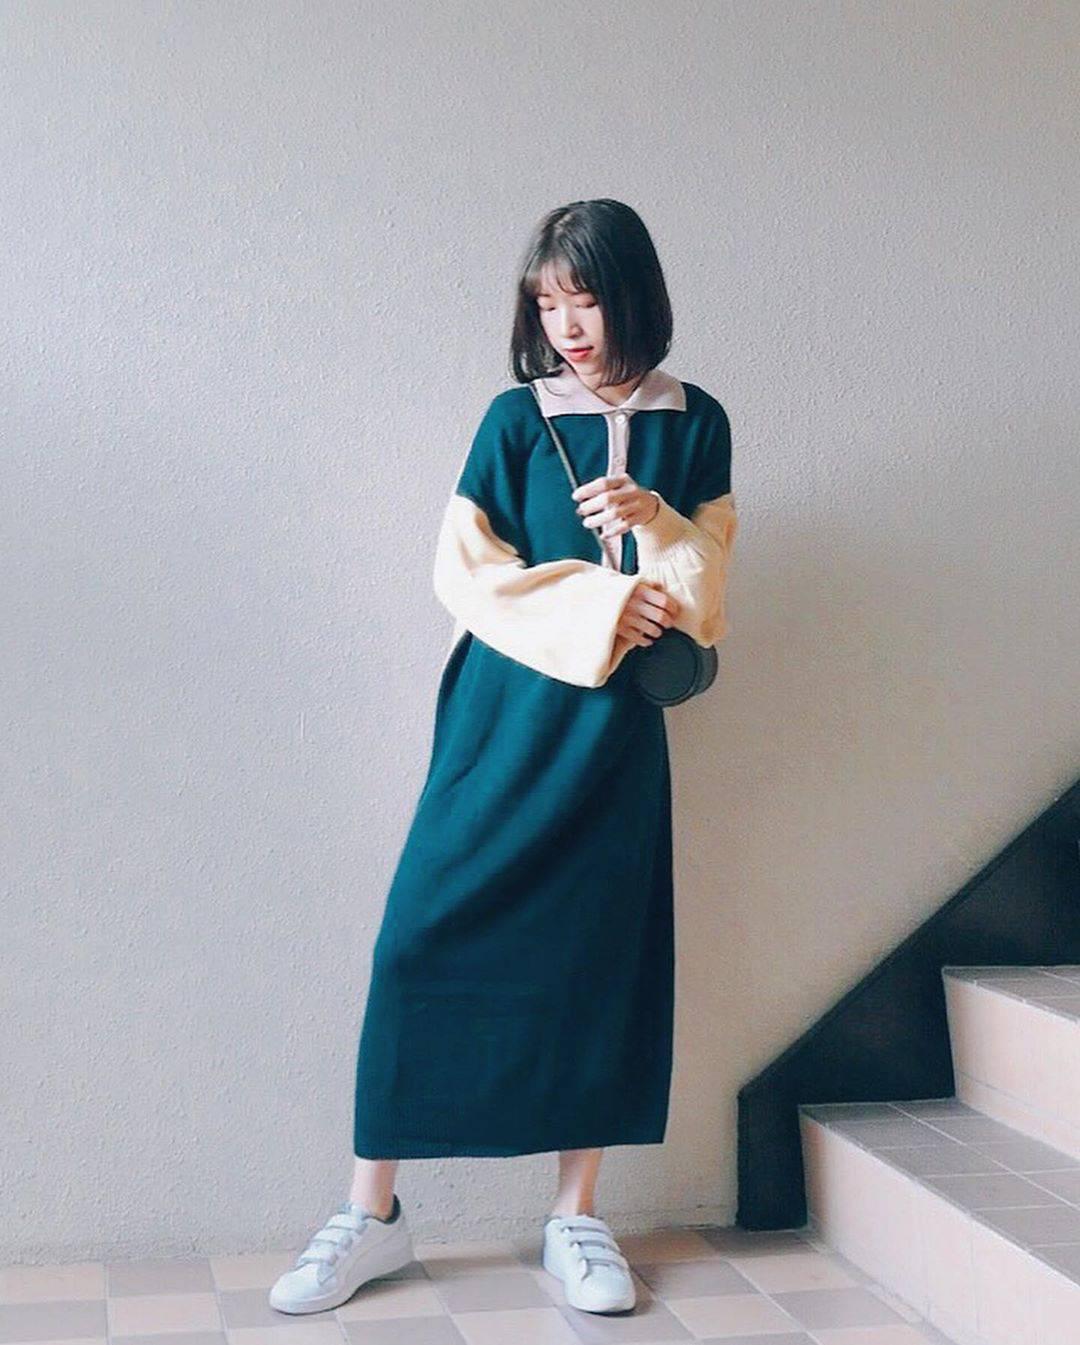 最高気温19度・最低気温11度 natsu_outfitsの服装